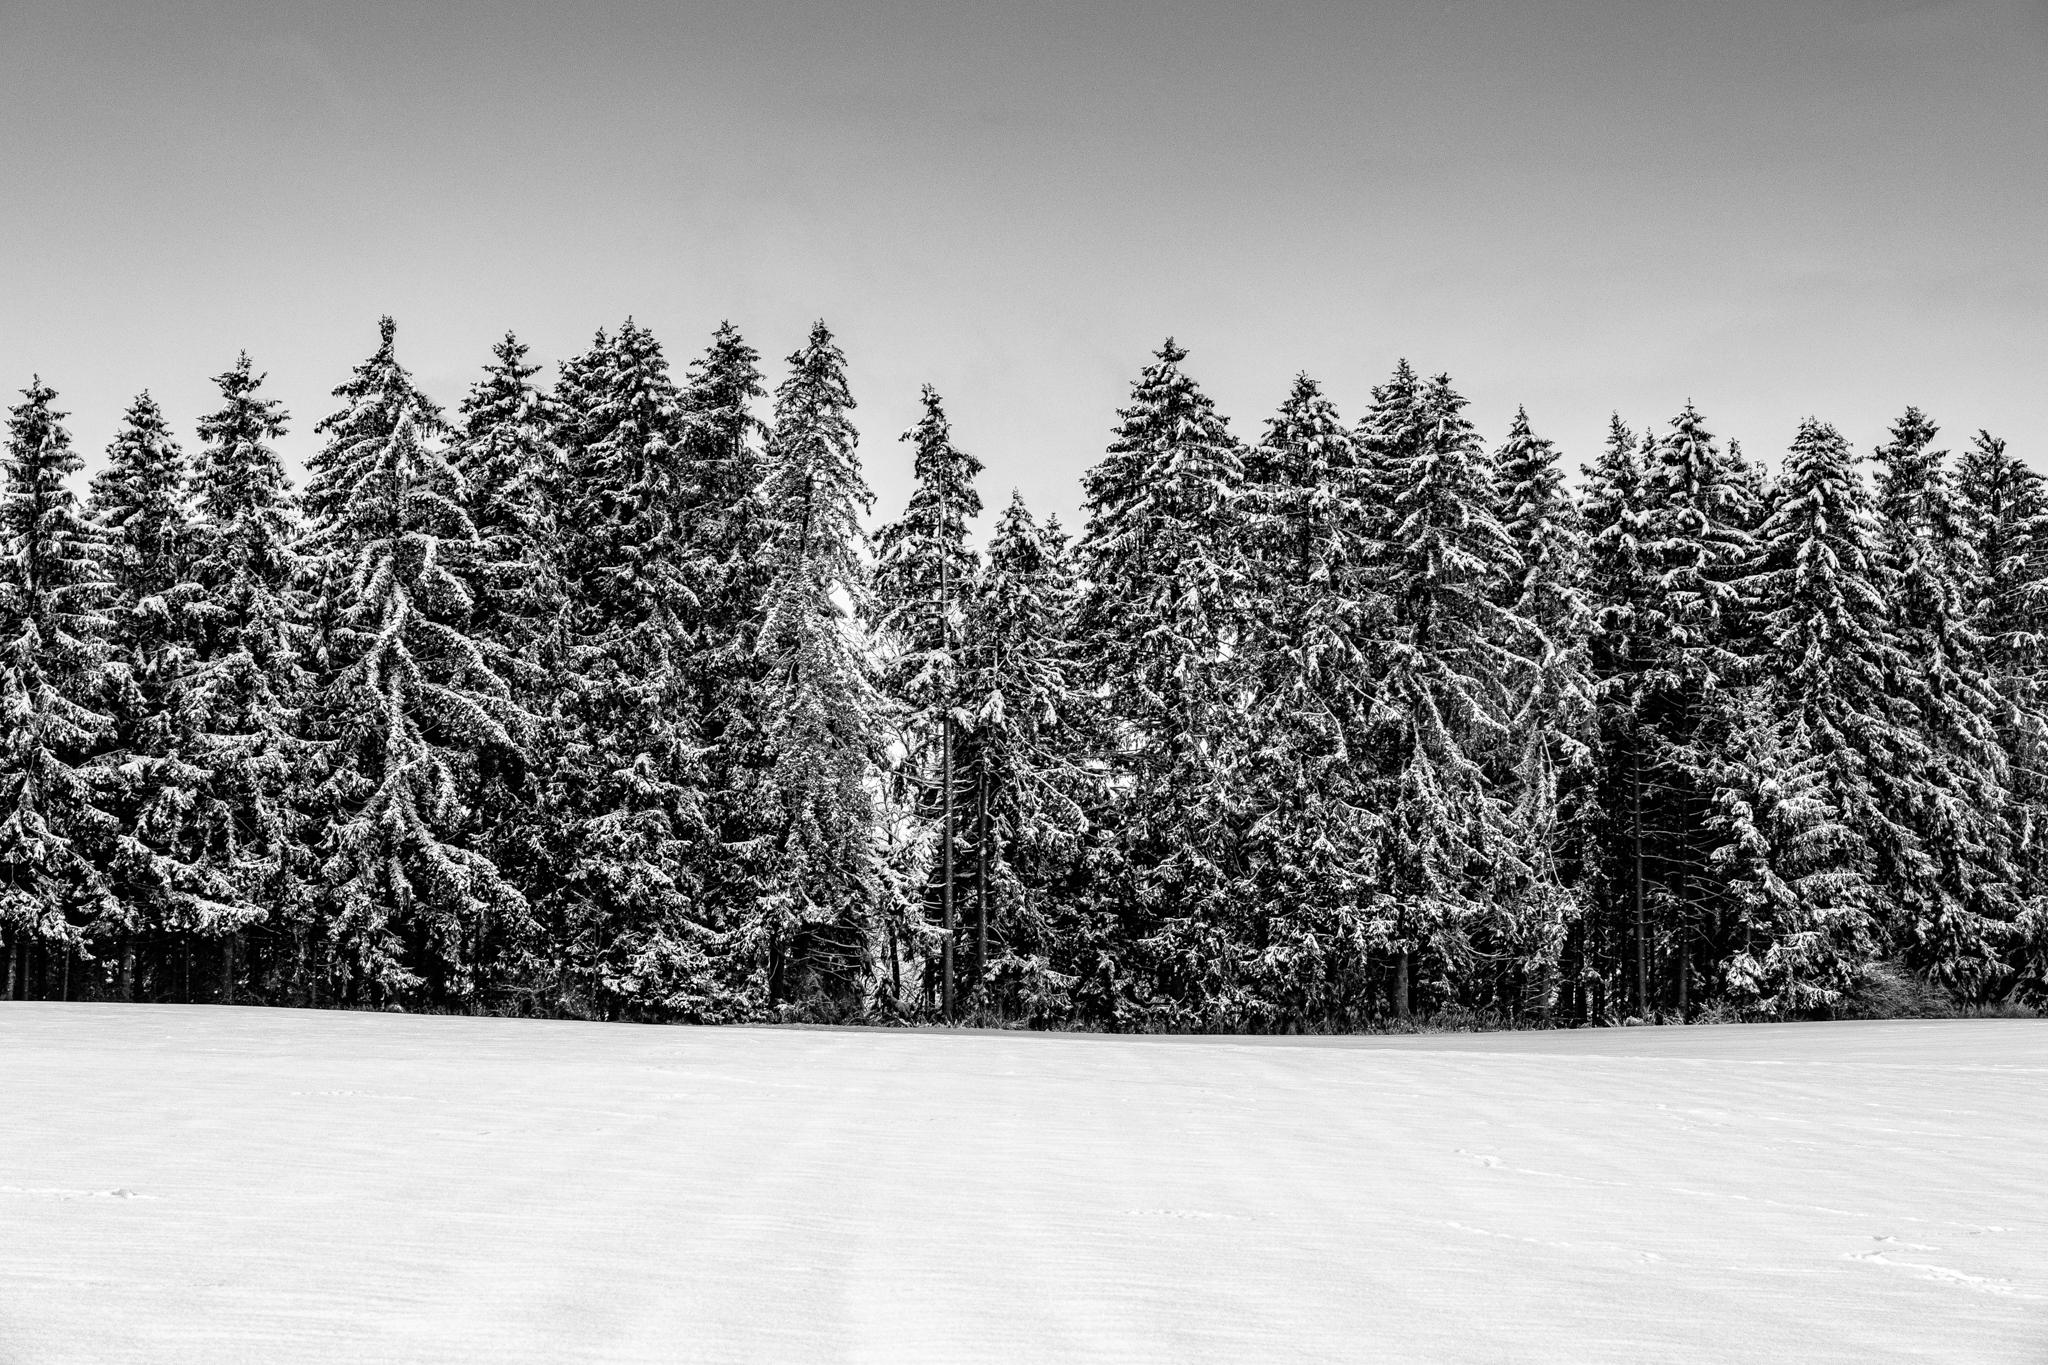 Wald-Winter-Schnee-Baeume-Leuterschach-B